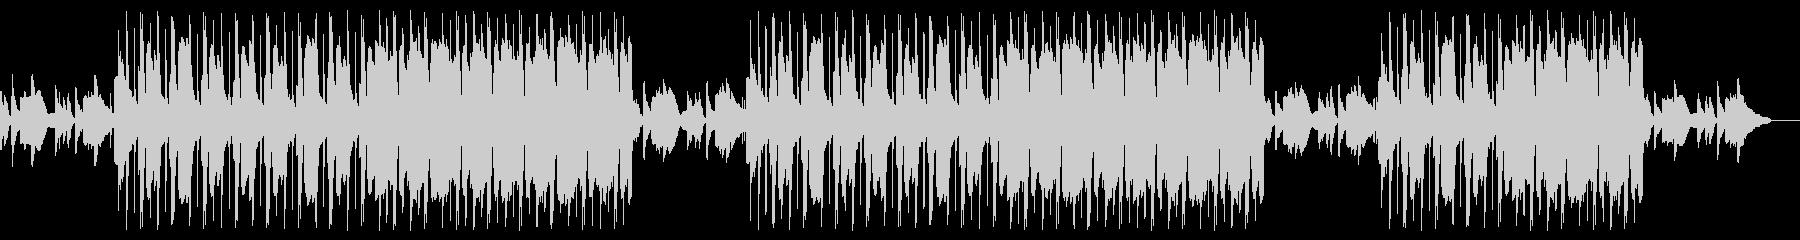 R&B/ちょっと切ないの未再生の波形